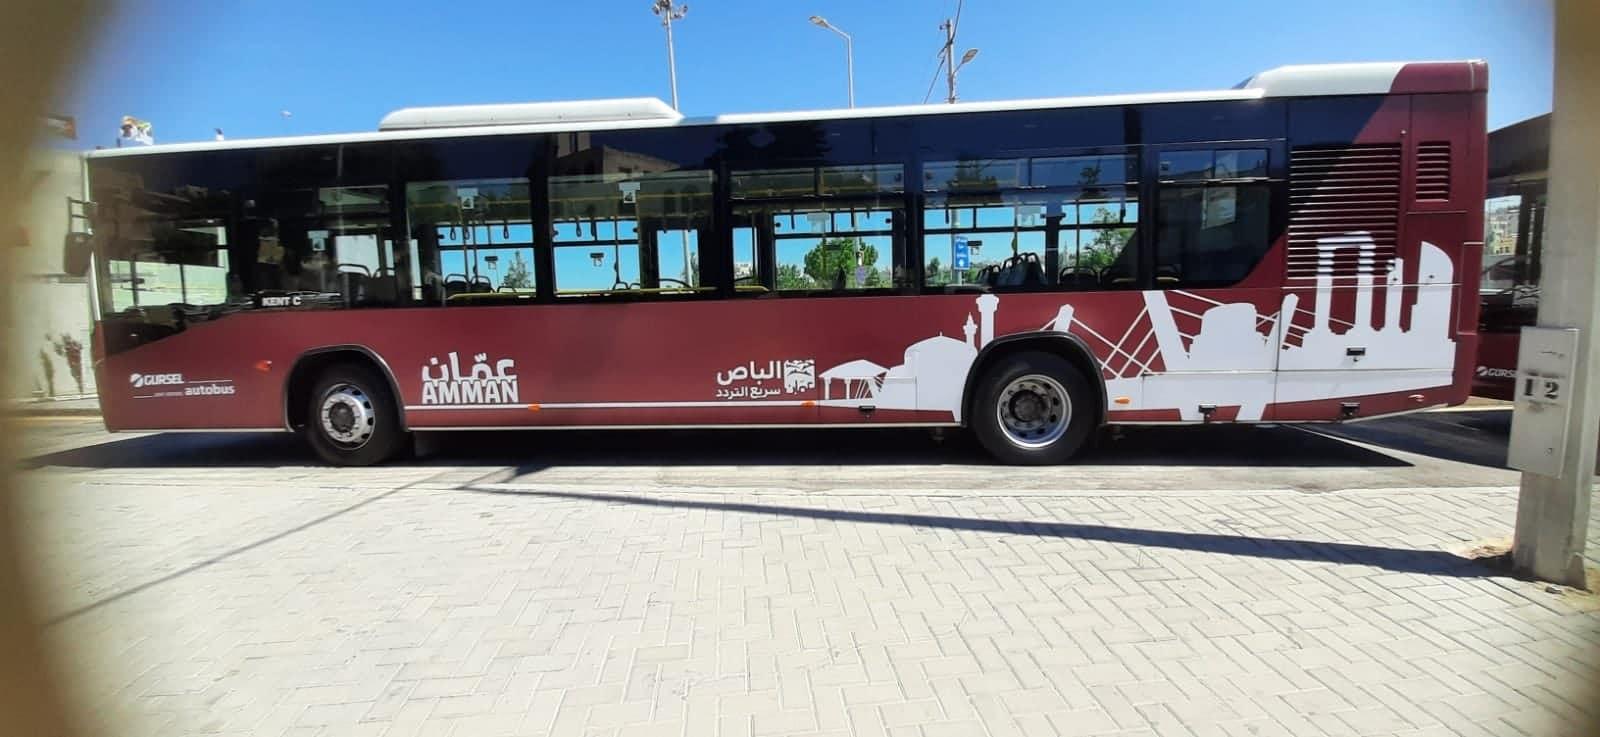 الباص السريع في الأردن